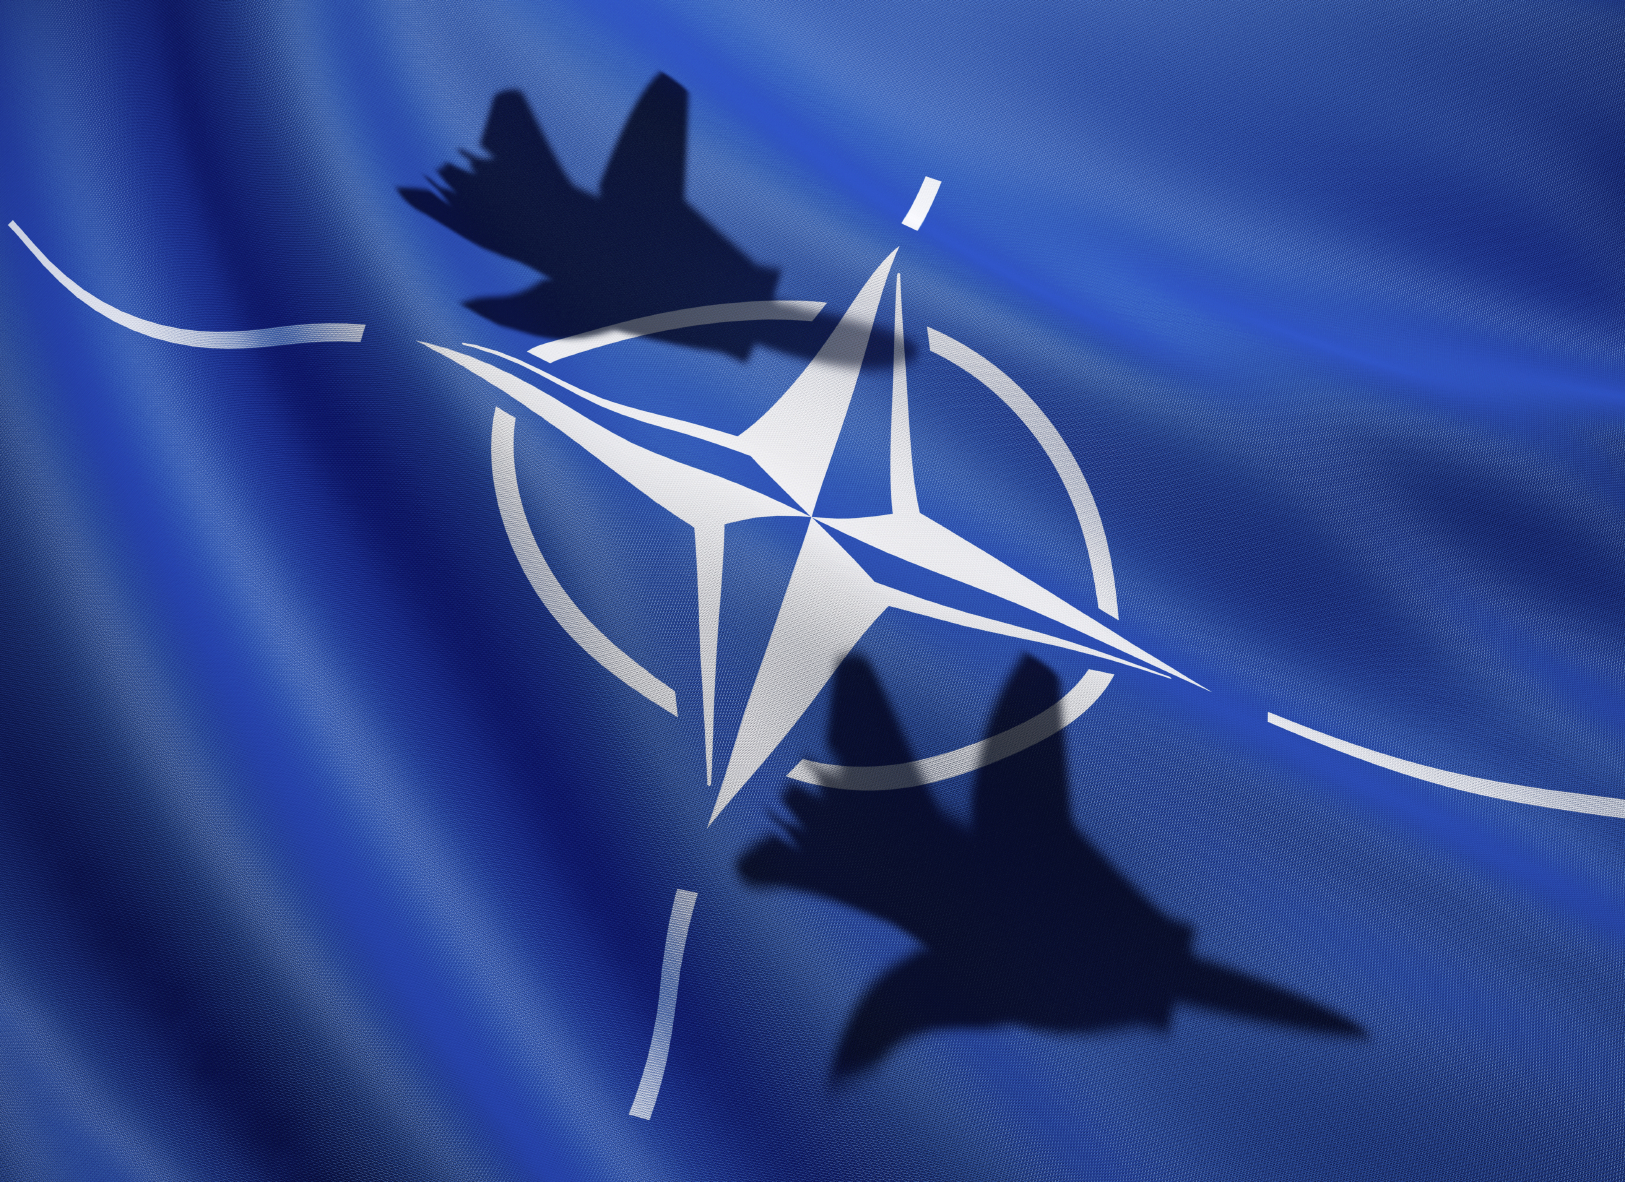 Rebuild trust in the trans-Atlantic relationship.